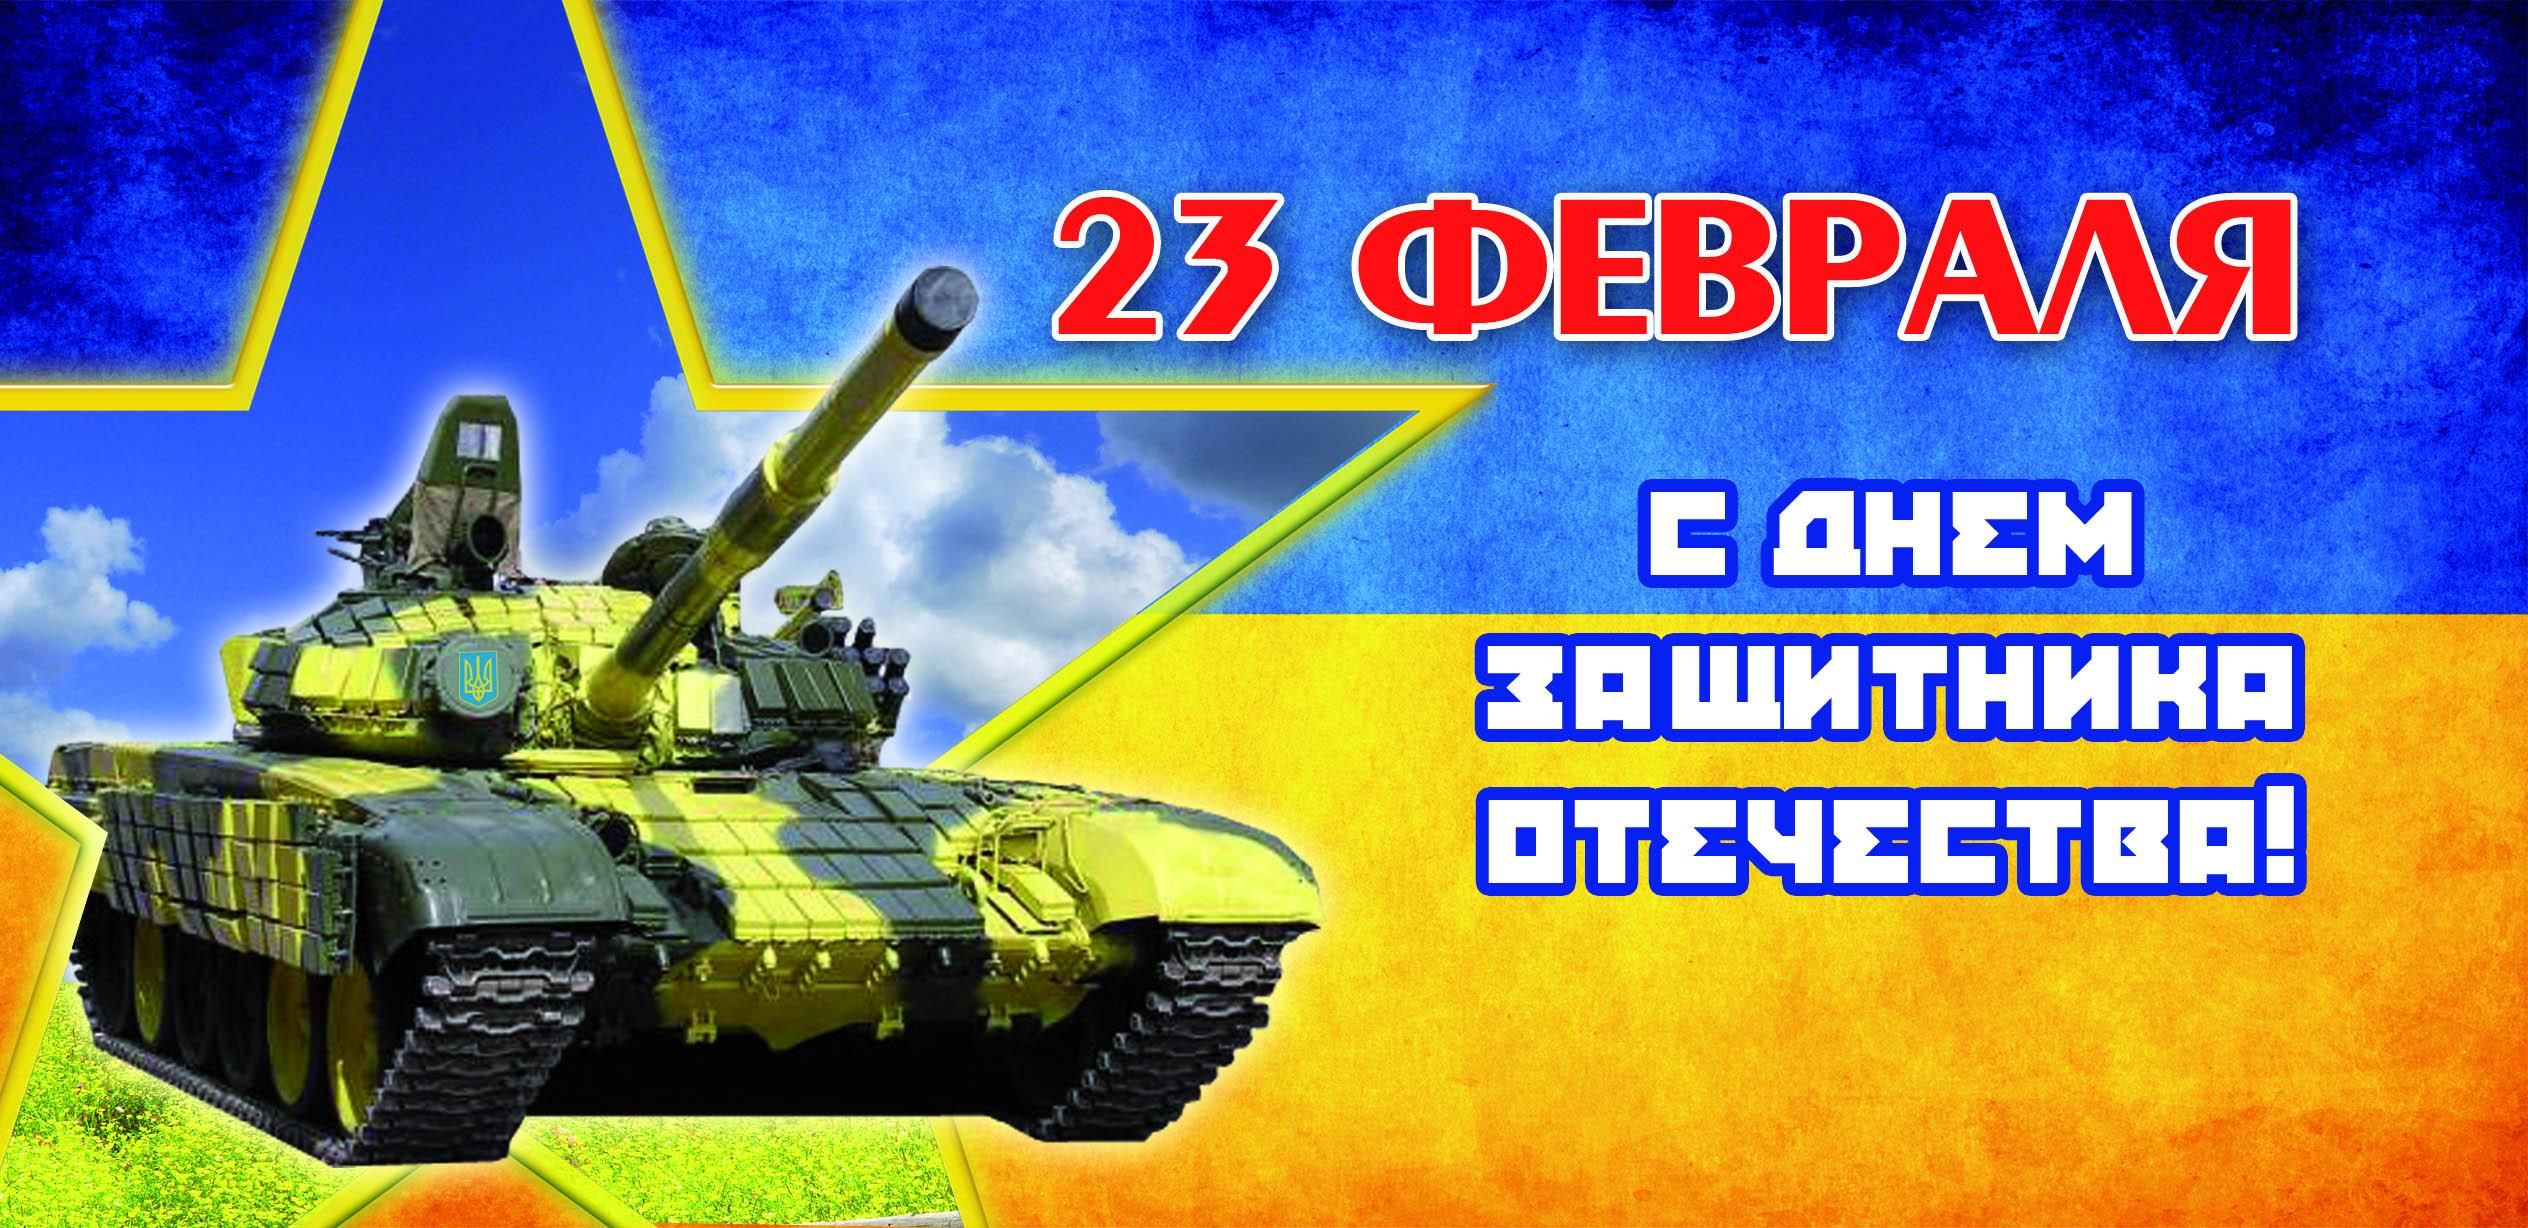 Поздравления с 23 февраля танкистам картинки